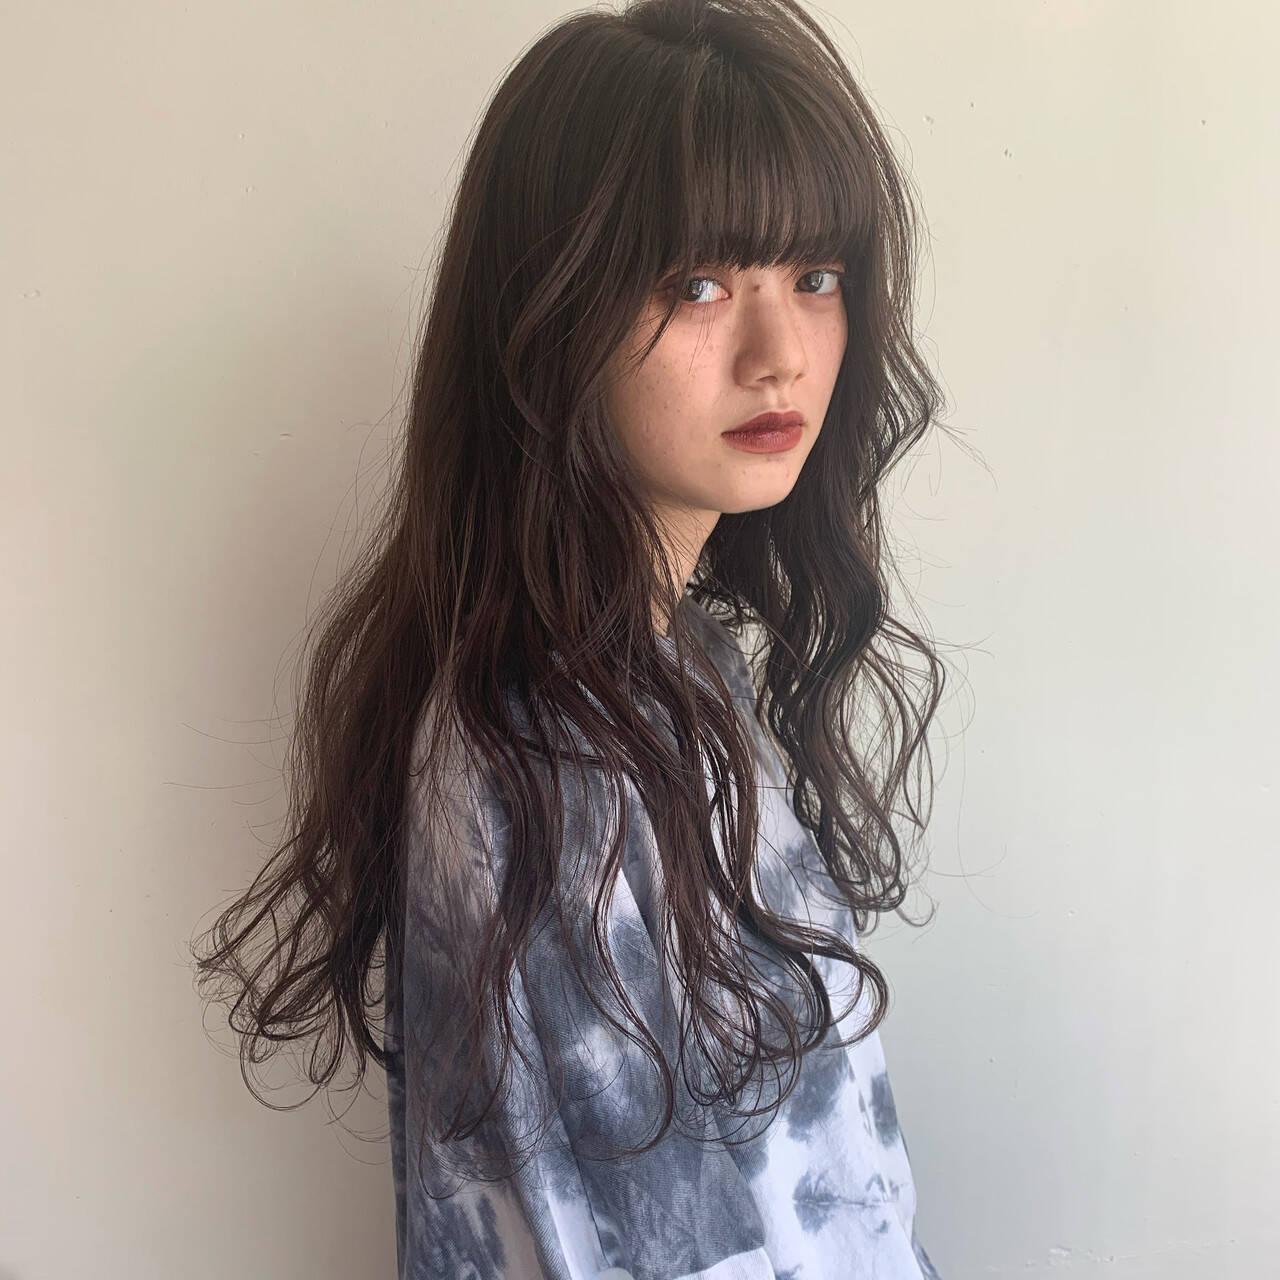 ロング ナチュラル 360度どこからみても綺麗なロングヘア 波巻きヘアスタイルや髪型の写真・画像